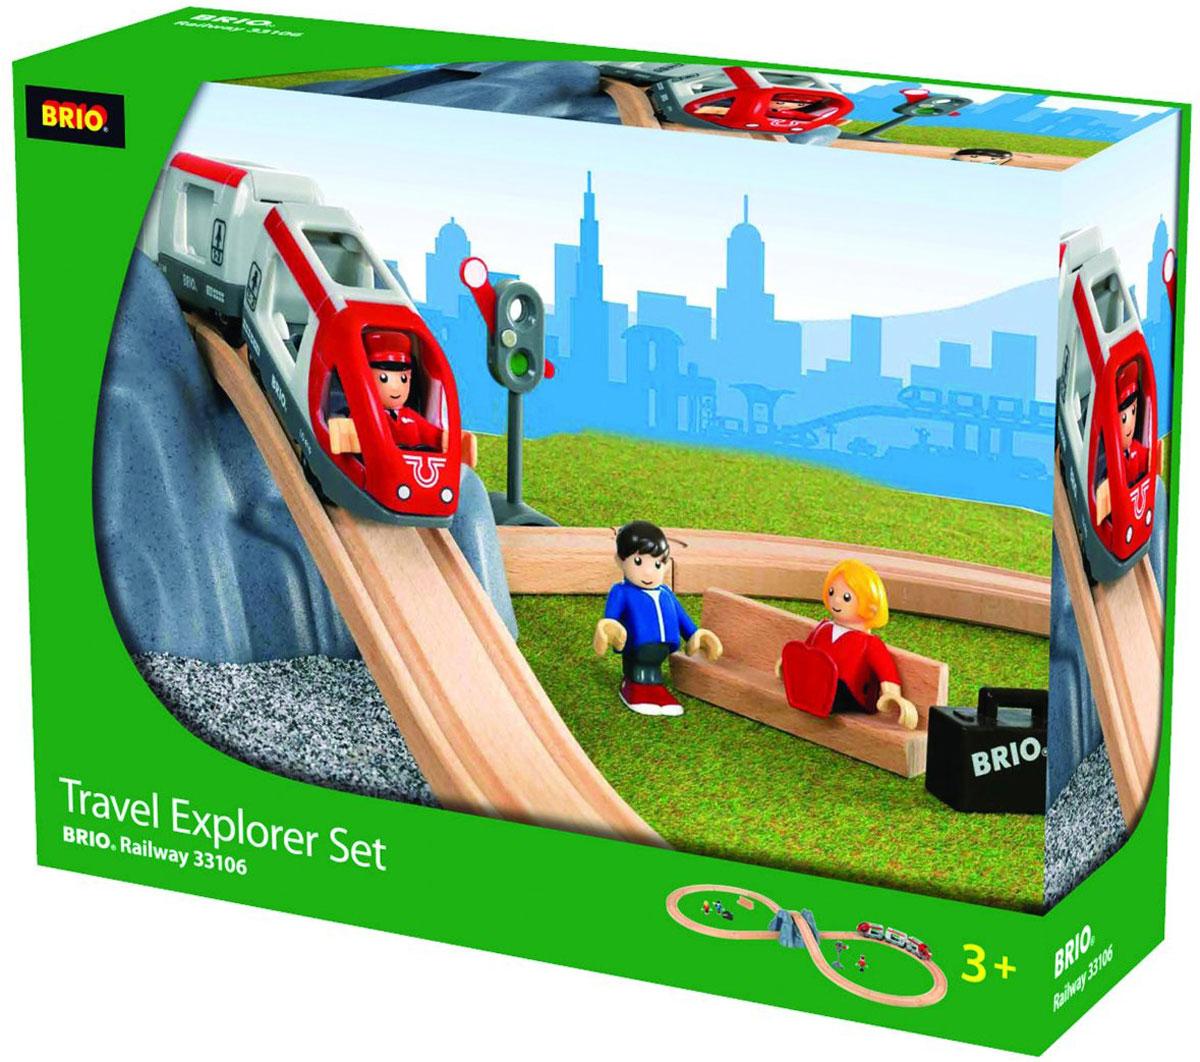 Brio Железная дорога Туннель в горе33106Железная дорога Brio Туннель в горе порадует любого малыша, интересующегося железными дорогами. Набор включает в себя железнодорожное полотно - конфигурация восьмерка, в центре которой располагается гора с туннелем. Пассажирский железнодорожный состав из трех вагонов необходимо катать руками. Фигурки пассажиров можно сажать в вагоны состава. Для регулировки движения в набор имеется механический семафор. Паровозик и вагончики соединяются друг с другом с помощью магнита. Железные дороги позволяют ребенку не только получать удовольствие от игры, но и развивать пространственное воображение, мелкую моторику и координацию движений. Набор совместим со всеми железными дорогами и паровозиками Brio.